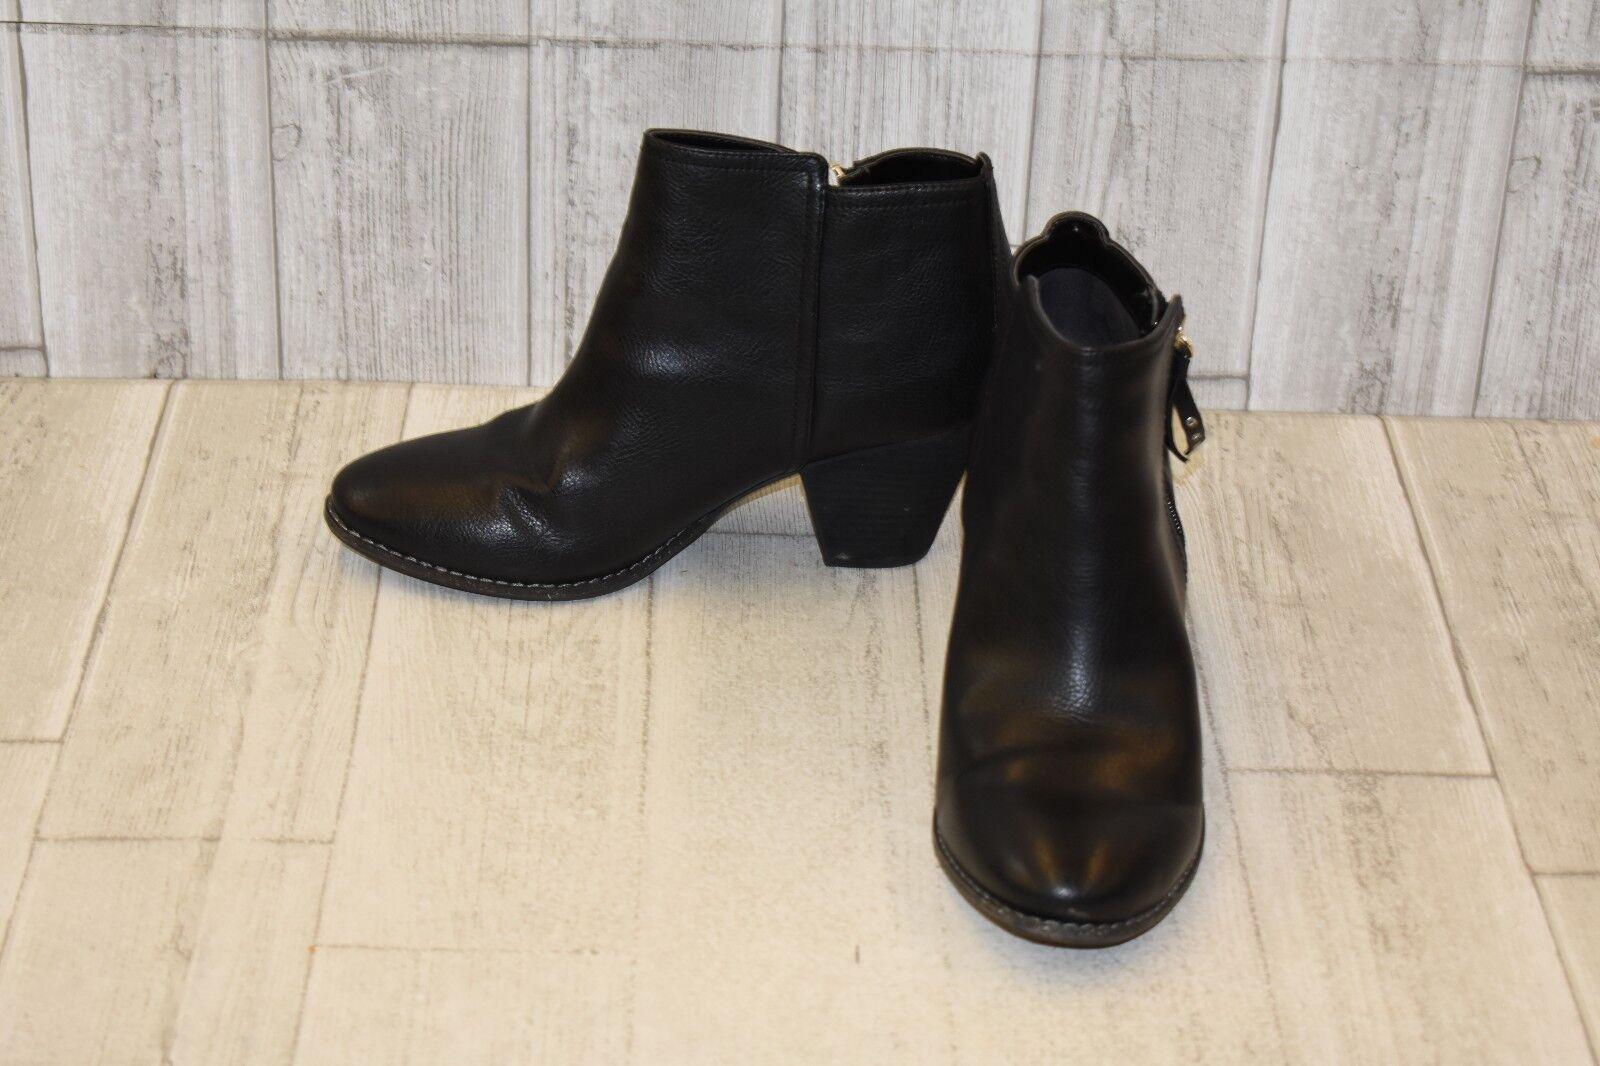 4e71600af34 Dr. Scholl's Casey Bootie - 11M, Black Women's Size nowonz2354 ...